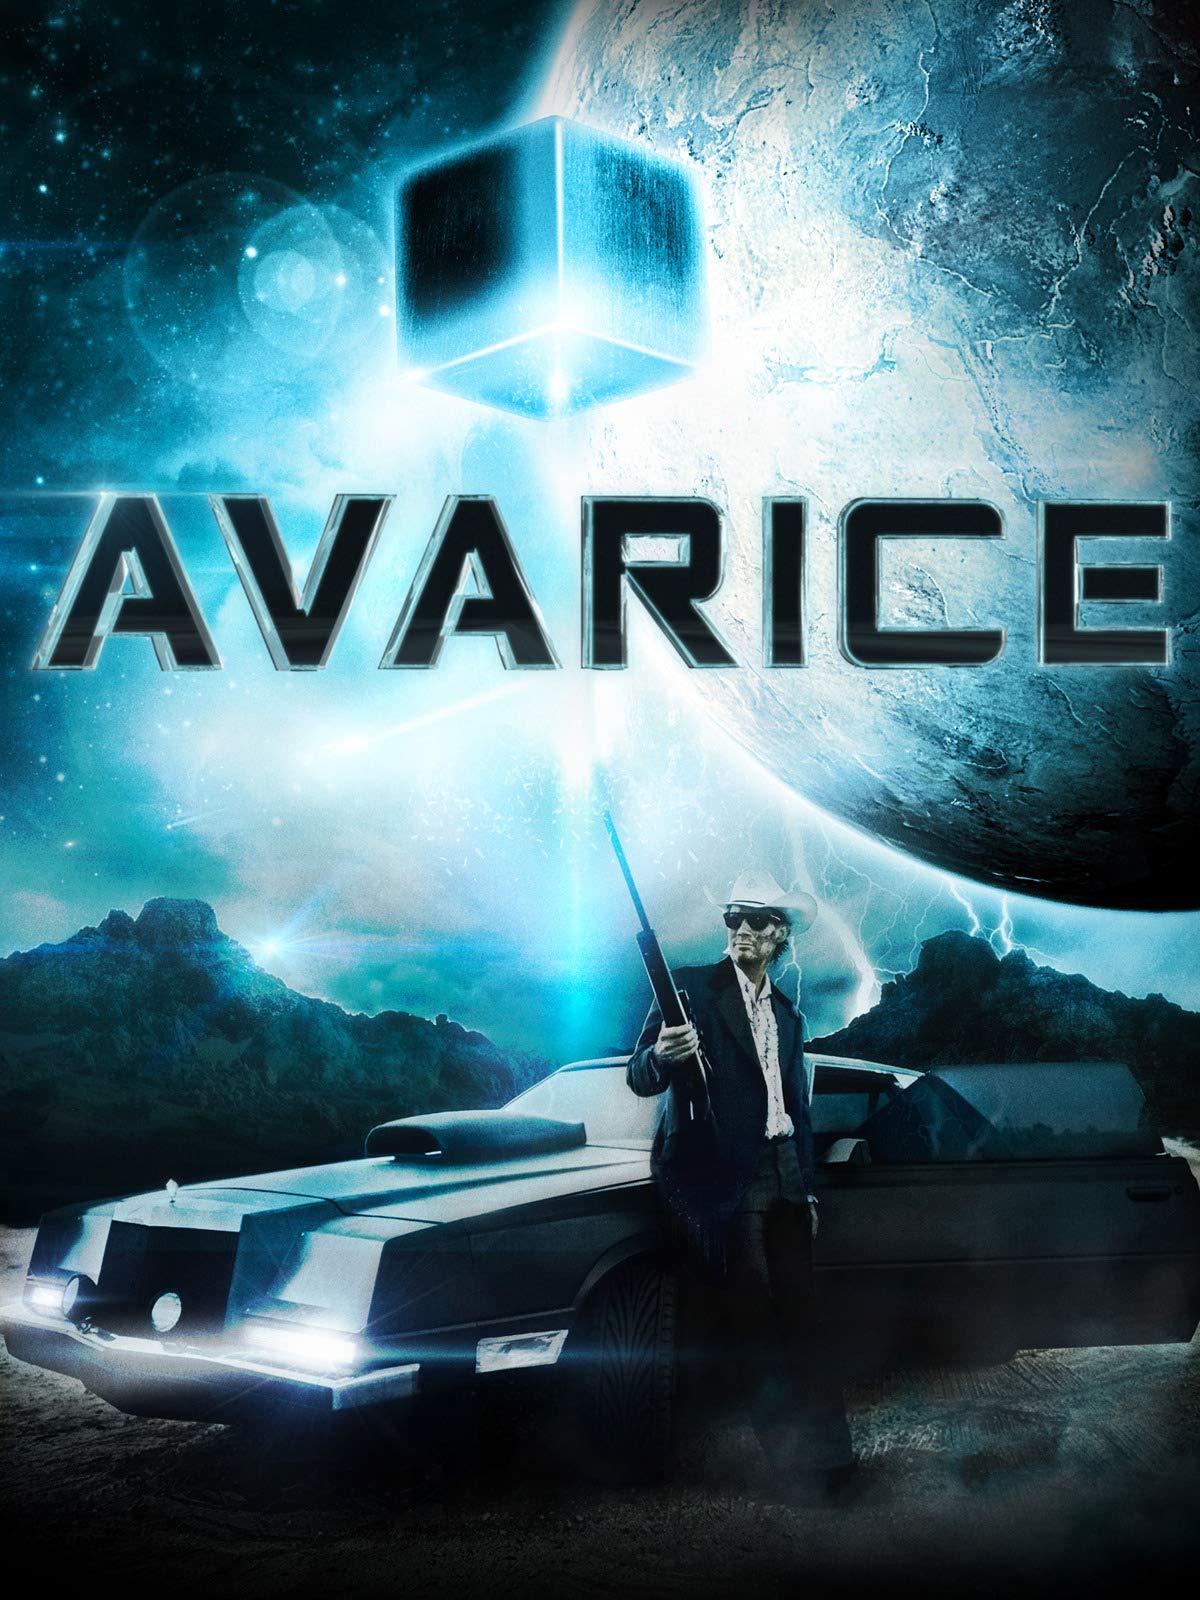 Avarice